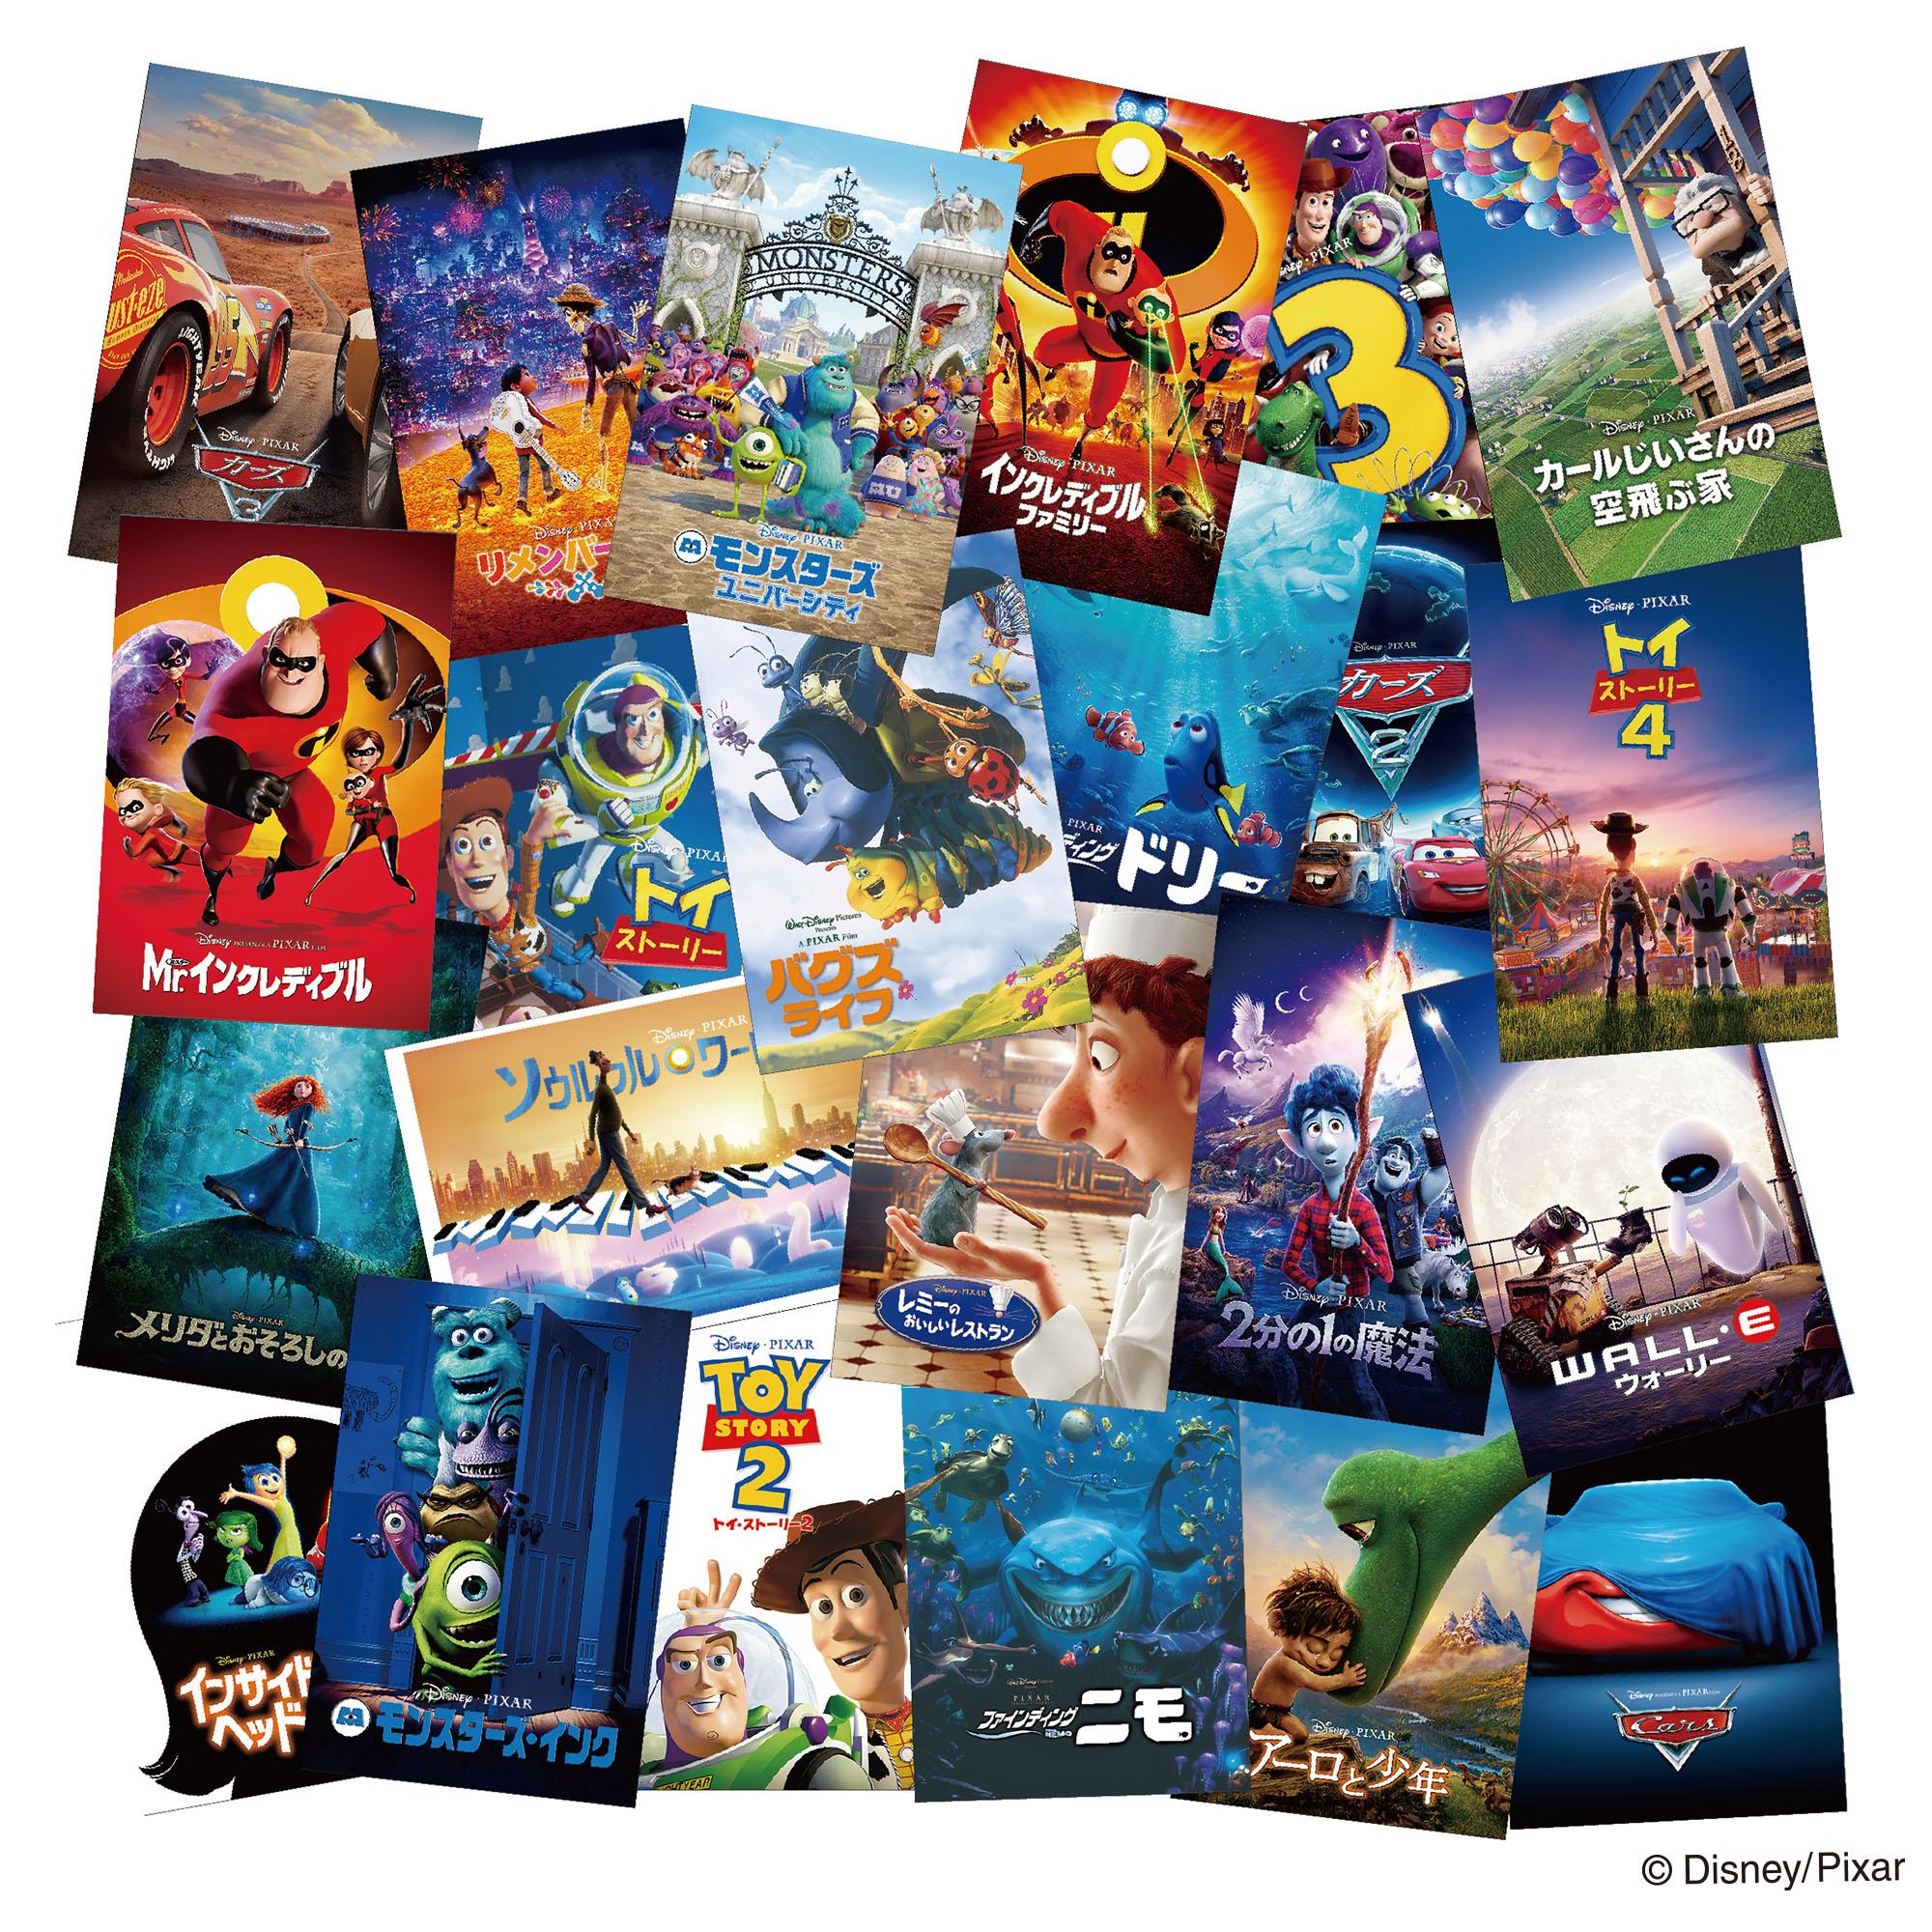 %e3%83%94%e3%82%af%e3%82%b5%e3%83%bc%e5%b1%95%e3%80%8epixar-pixar-pixar-18-2